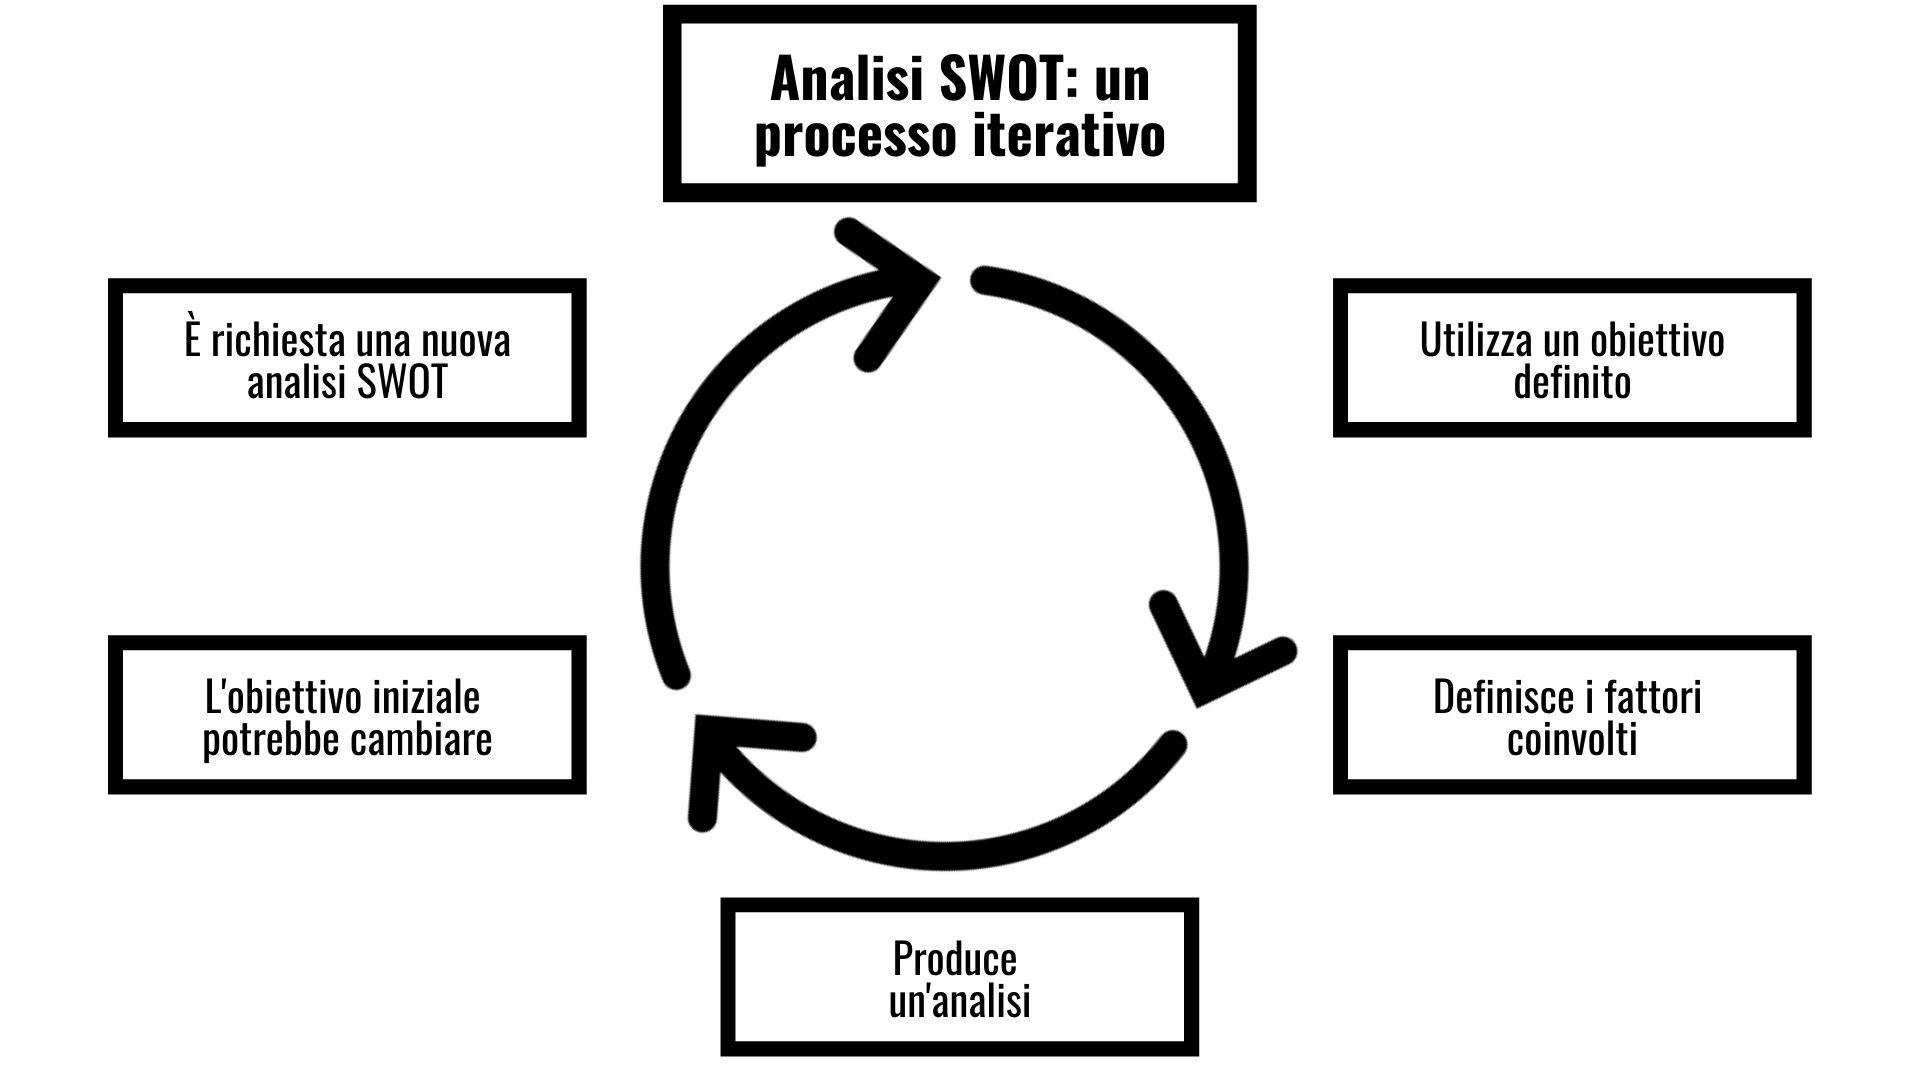 Analisi SWOT un processo iterativo